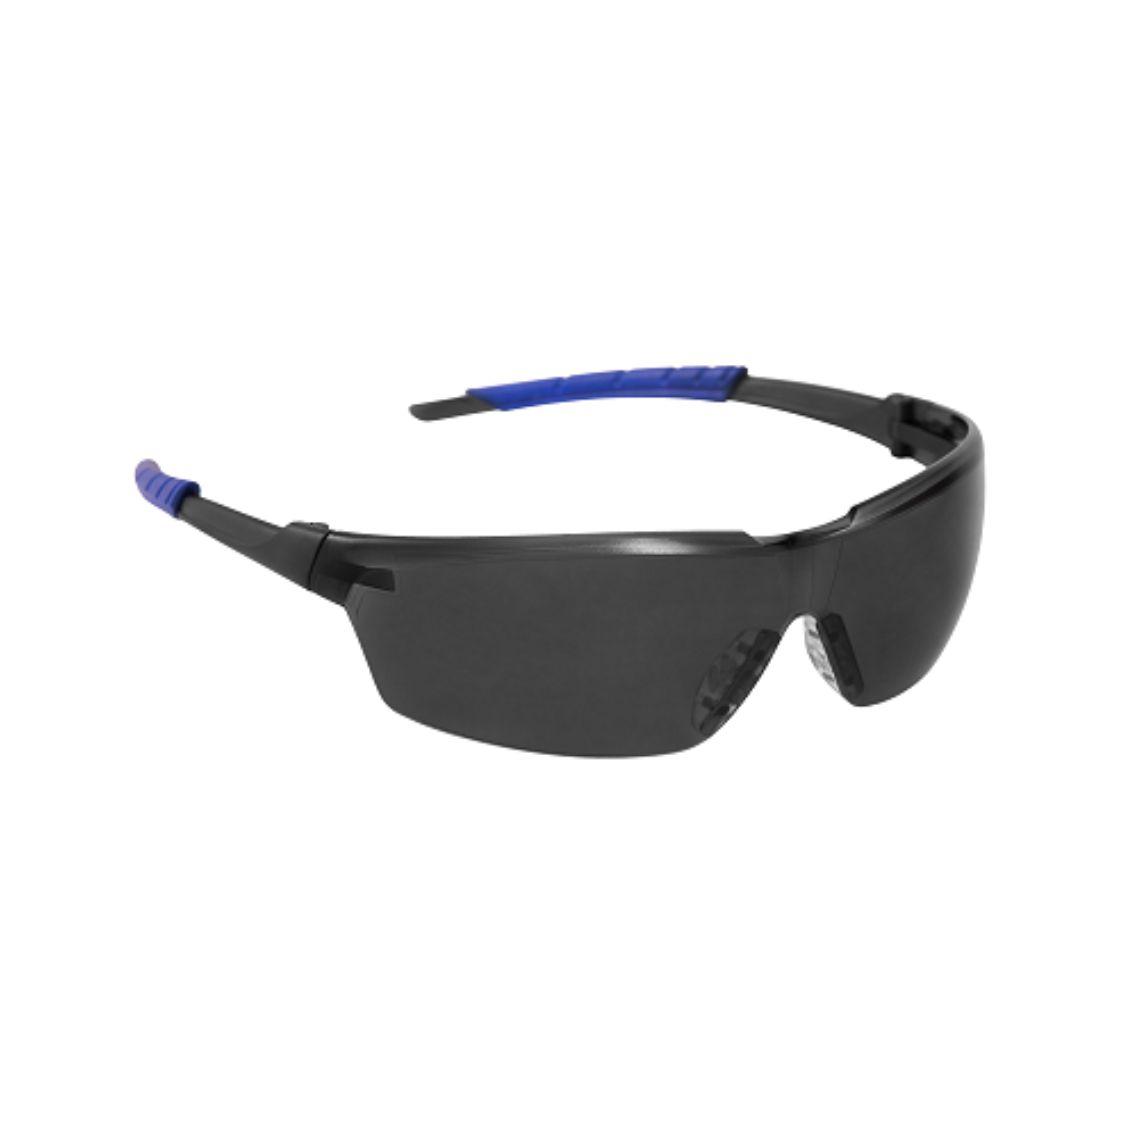 d3f83a38c69c6 Óculos de Segurança – Página  2 – Maqdima    Maquinas e Ferramentas ...